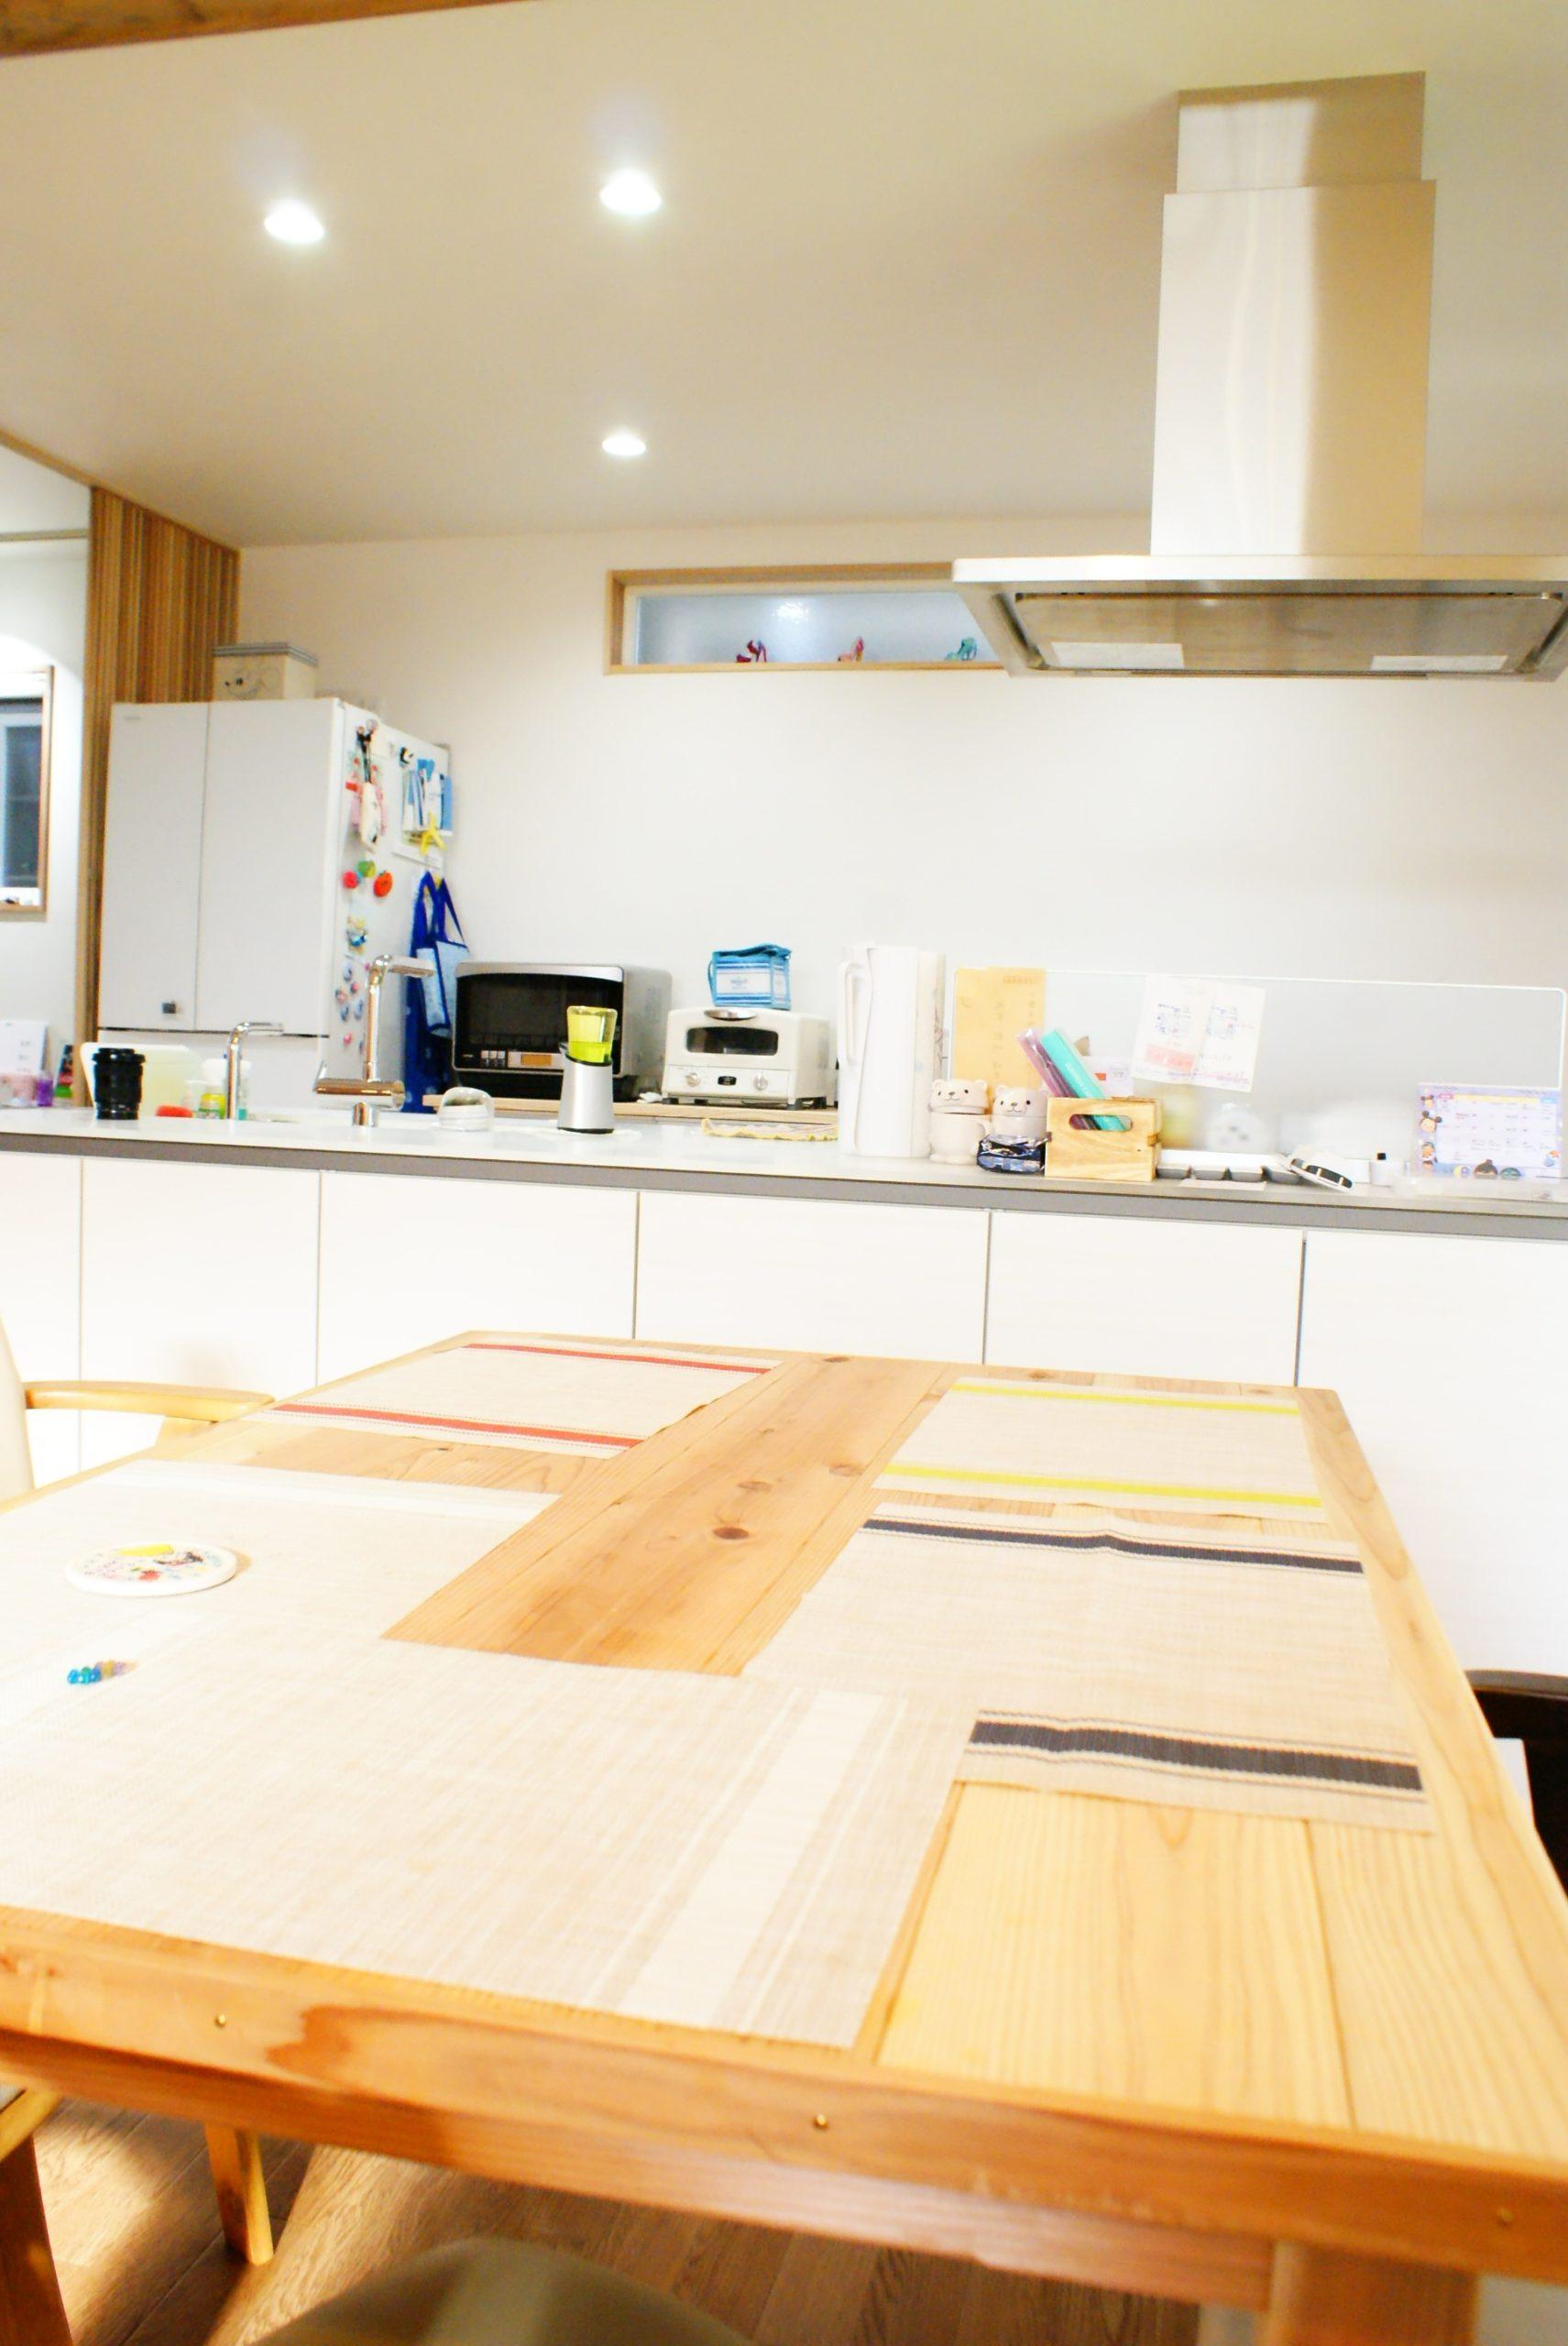 開放感のあるキッチンダイニング!ダイニングテーブルも伸建設オリジナル!